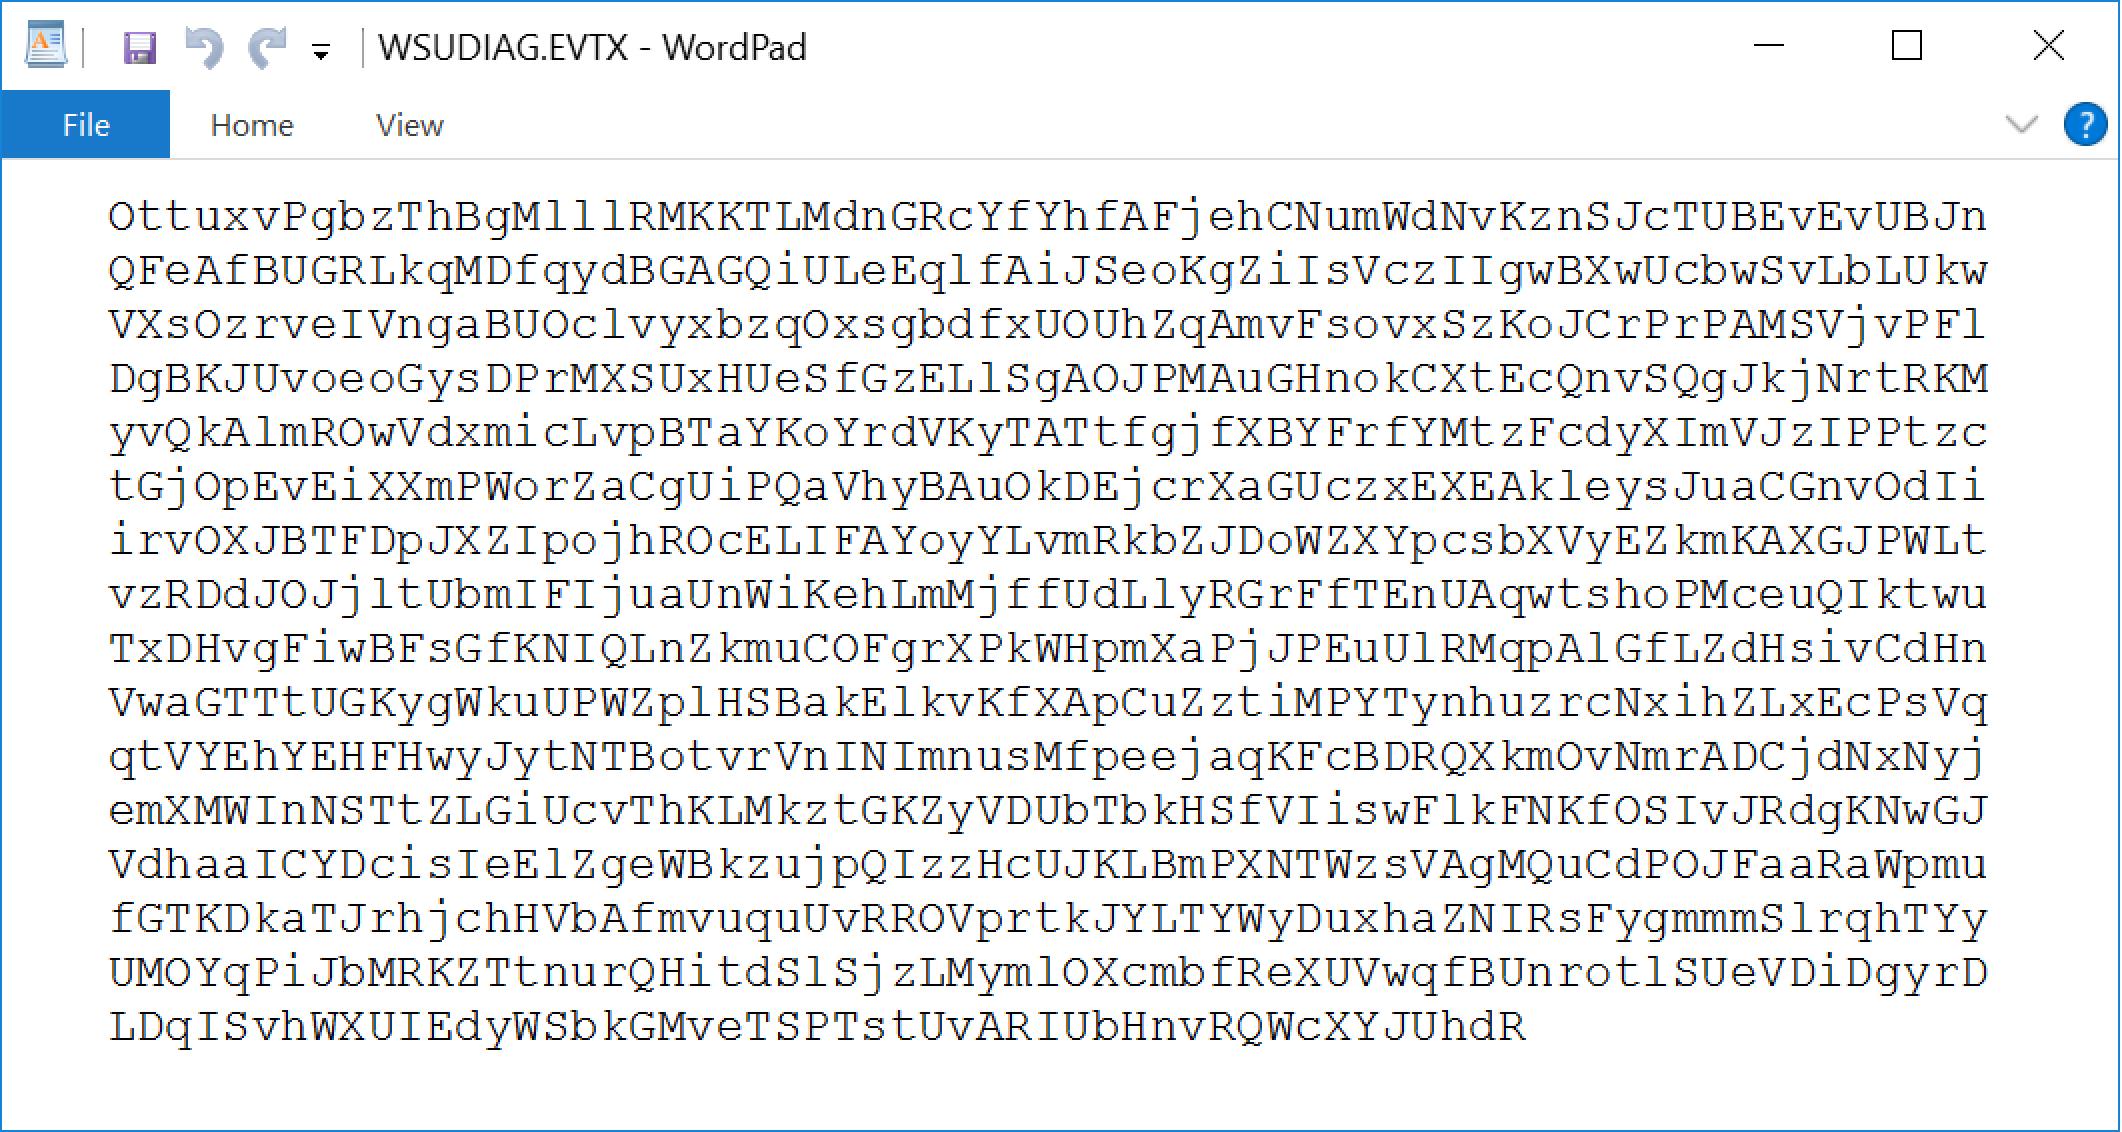 WordPadで表示すると、テキストファイルの内容がランダムな文字列であることがわかります。